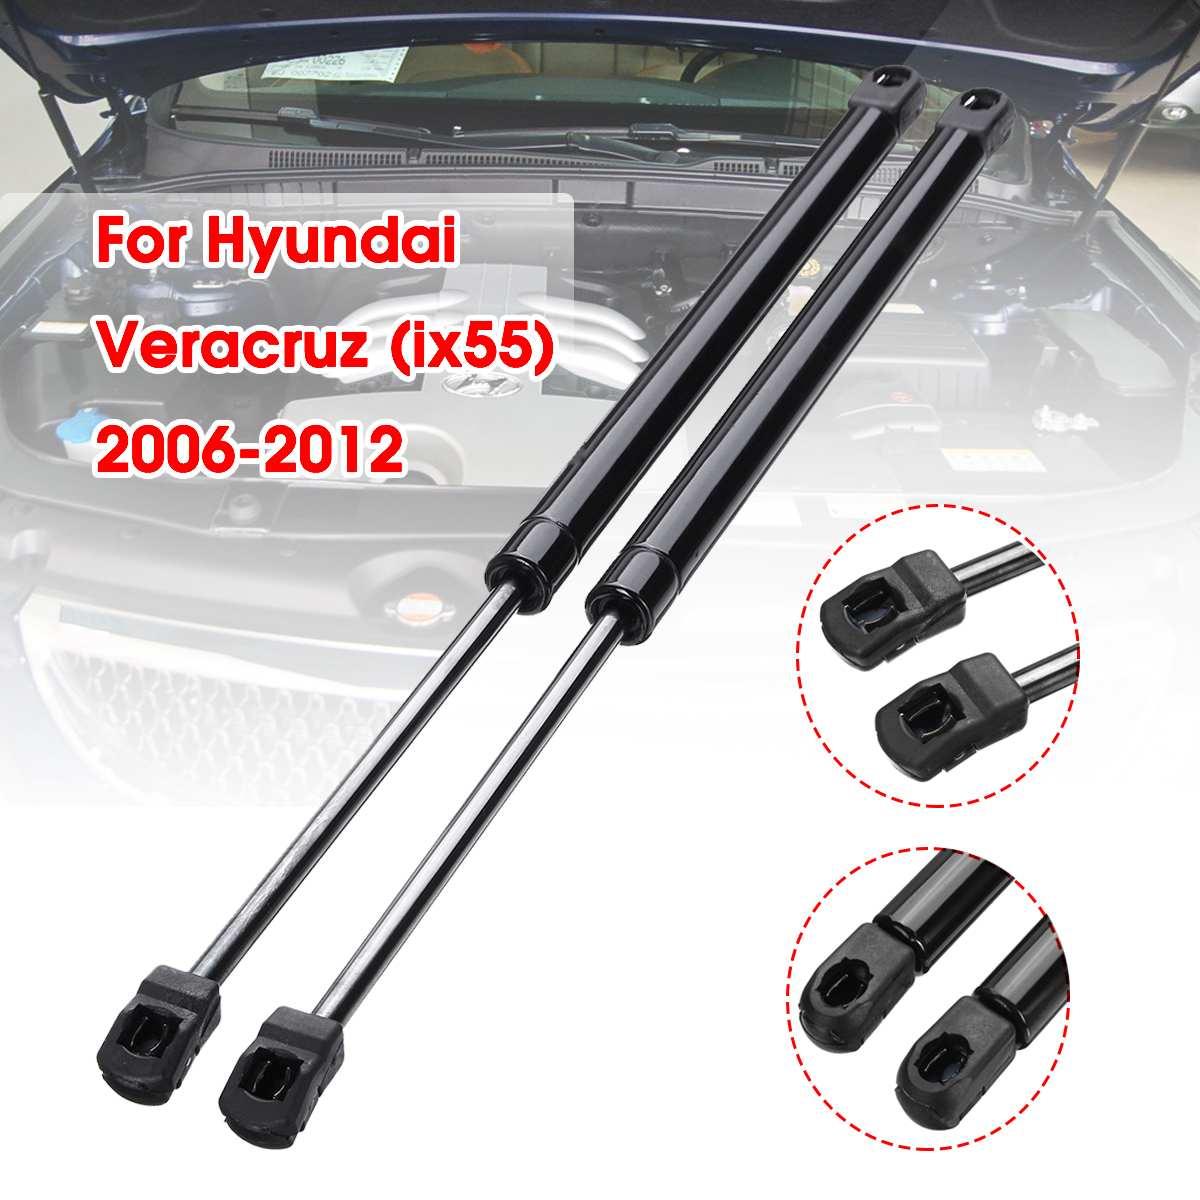 Capot de capot avant de voiture modifier les entretoises à gaz Support de levage amortisseurs pour Hyundai Veracruz ix55 2006-2012